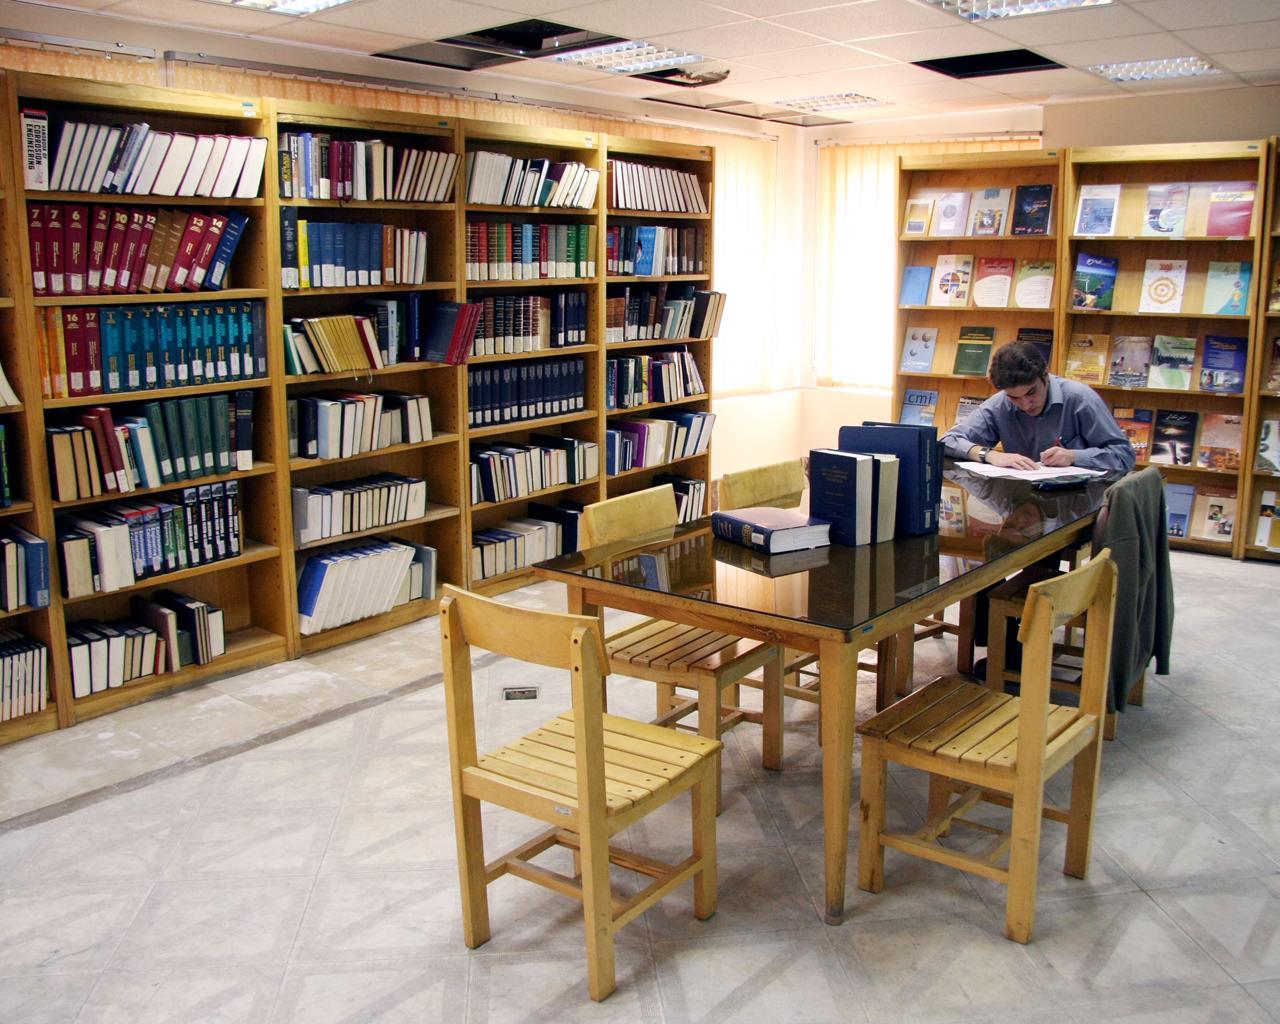 افتتاح کتابخانه بزرگ دانشگاه خوارزمی تا پایان امسال